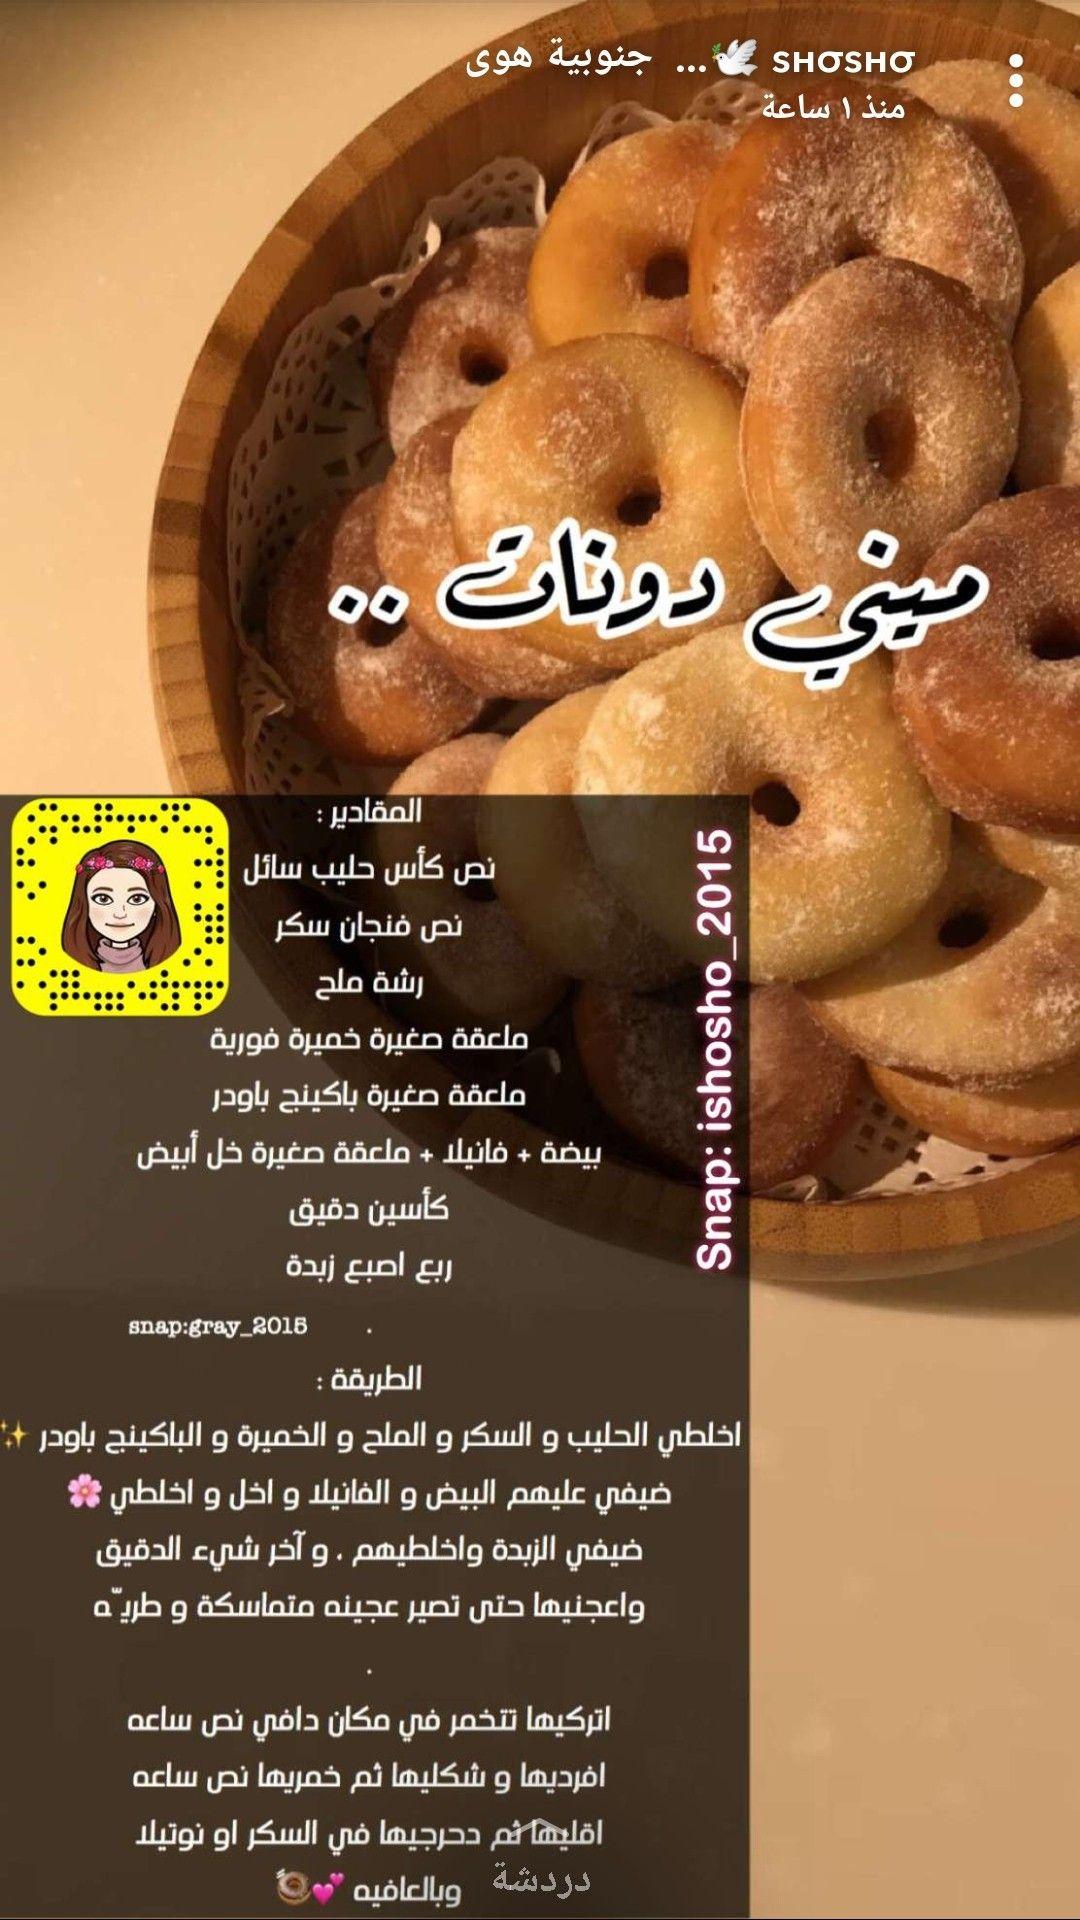 دونات Food Videos Desserts Cooking Recipes Desserts Food Receipes